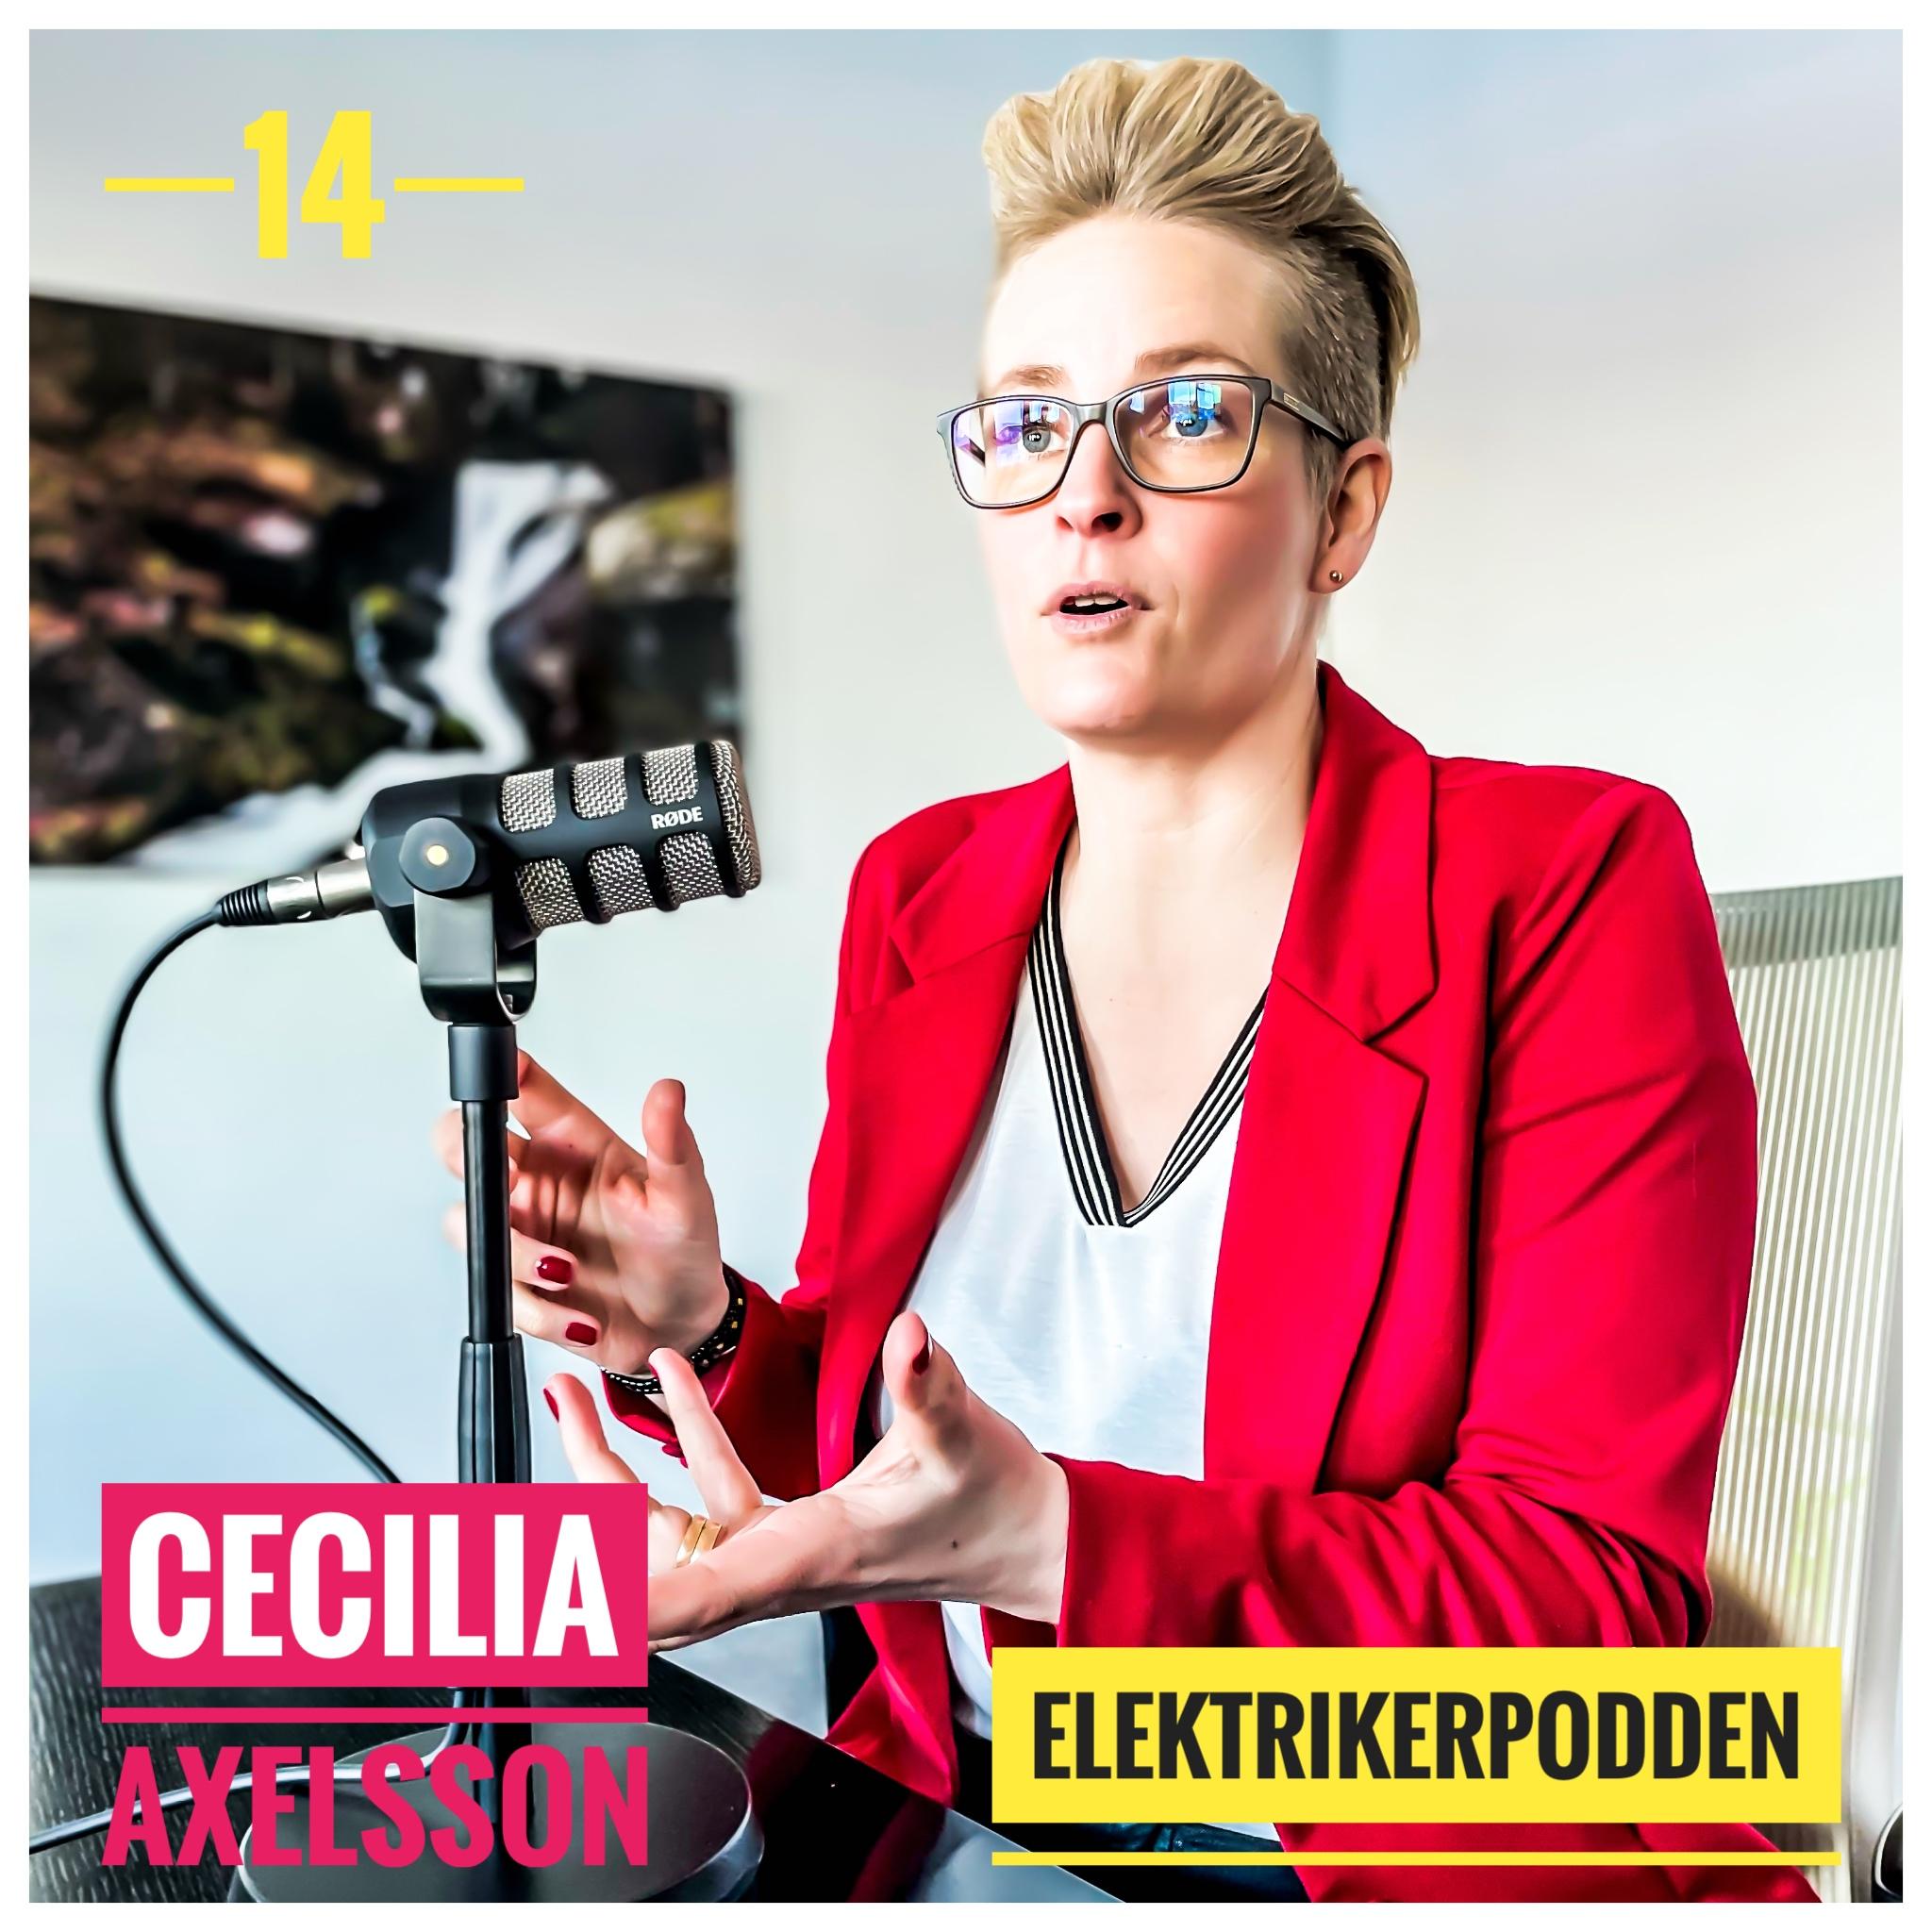 Cecilia Axelsson, Potentiale